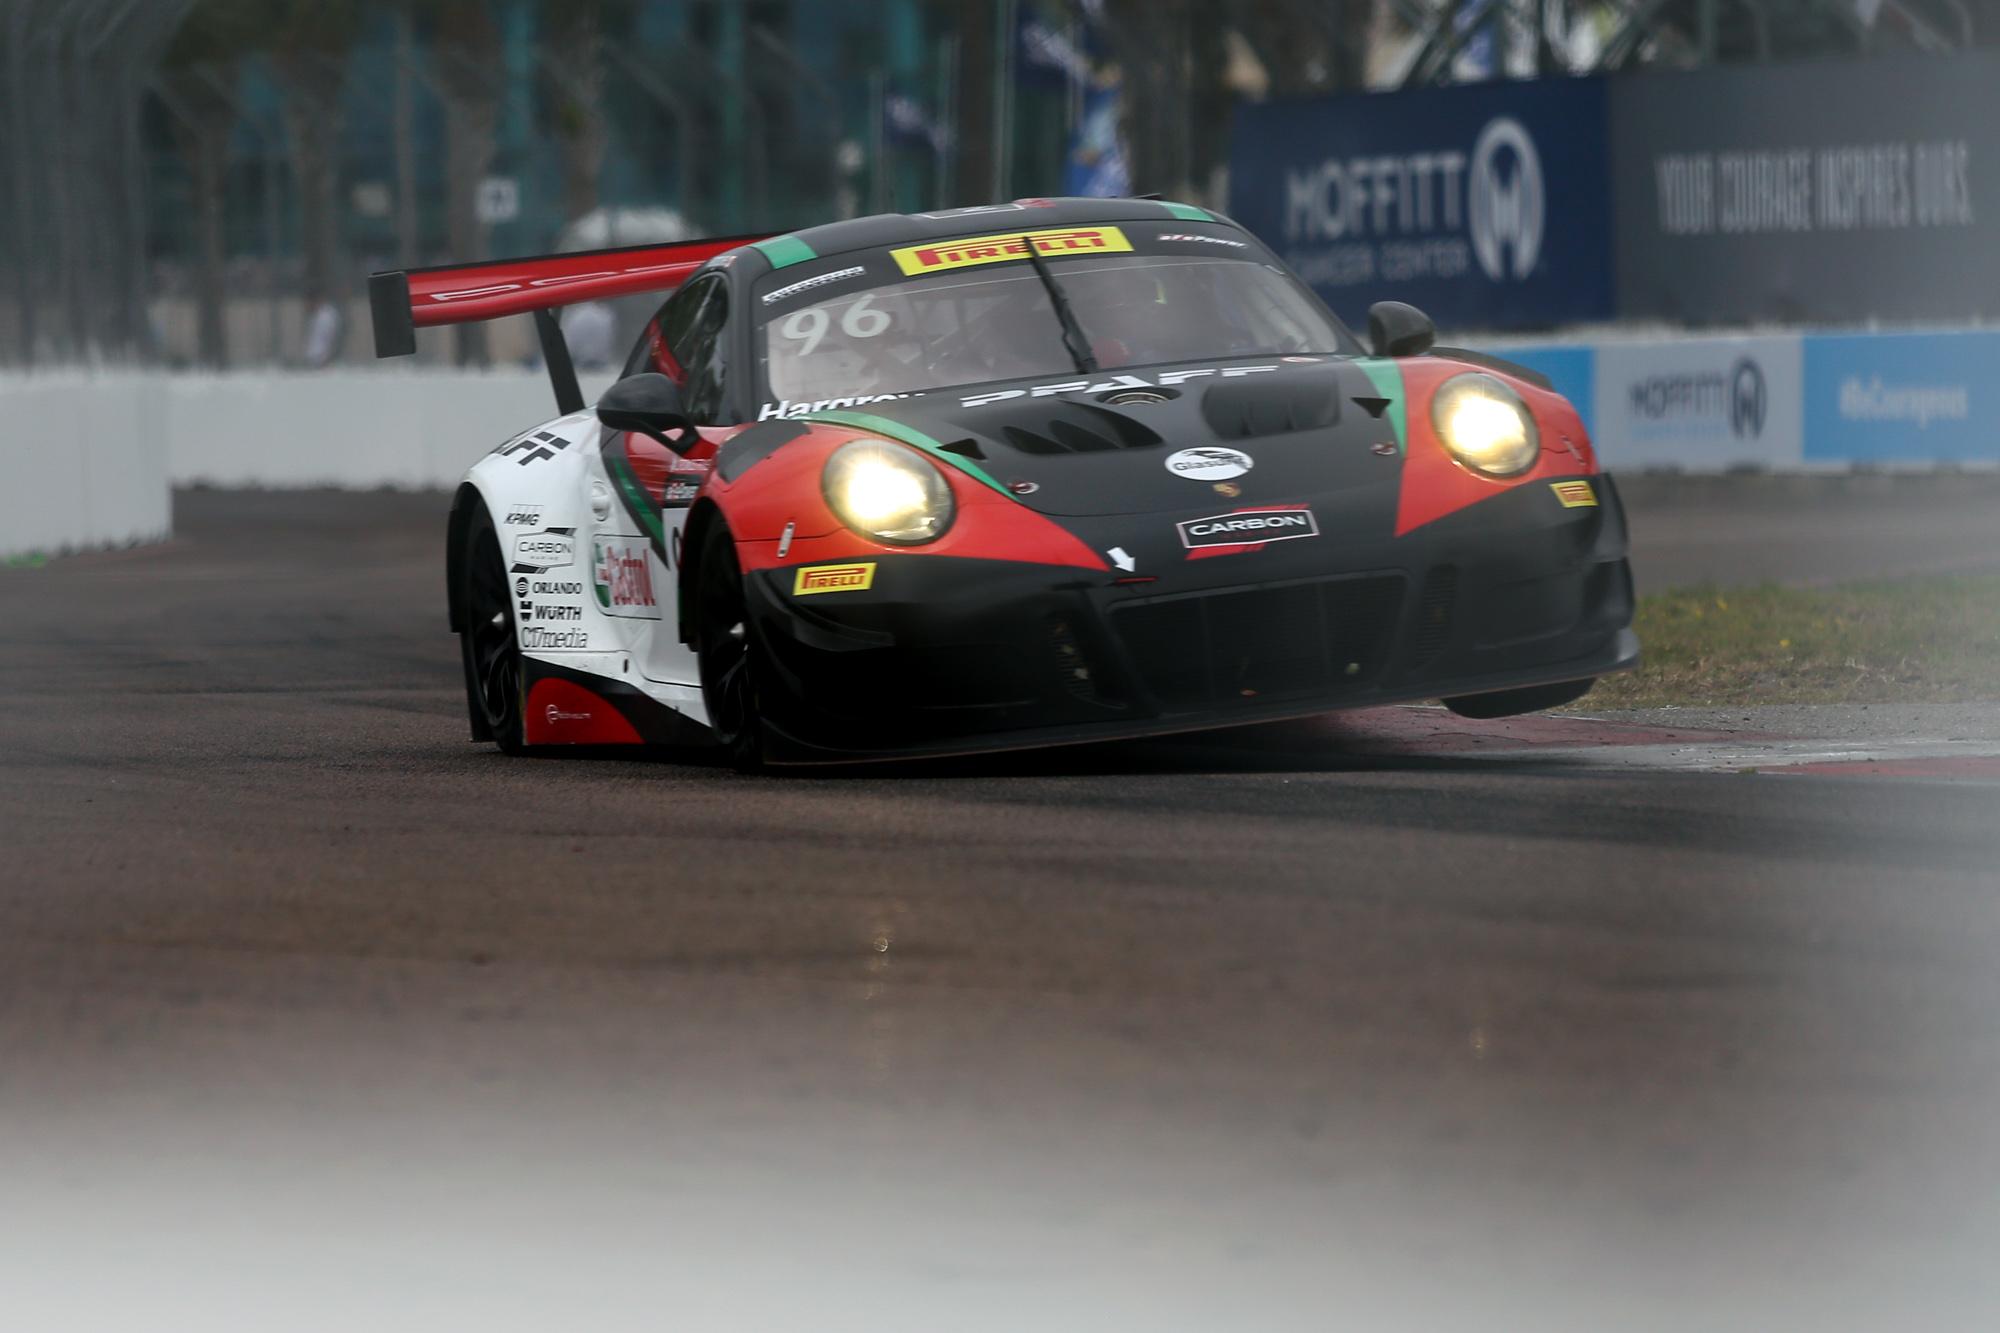 #96 Scott Hargrove won a GT race./ANDREW J. KRAMER